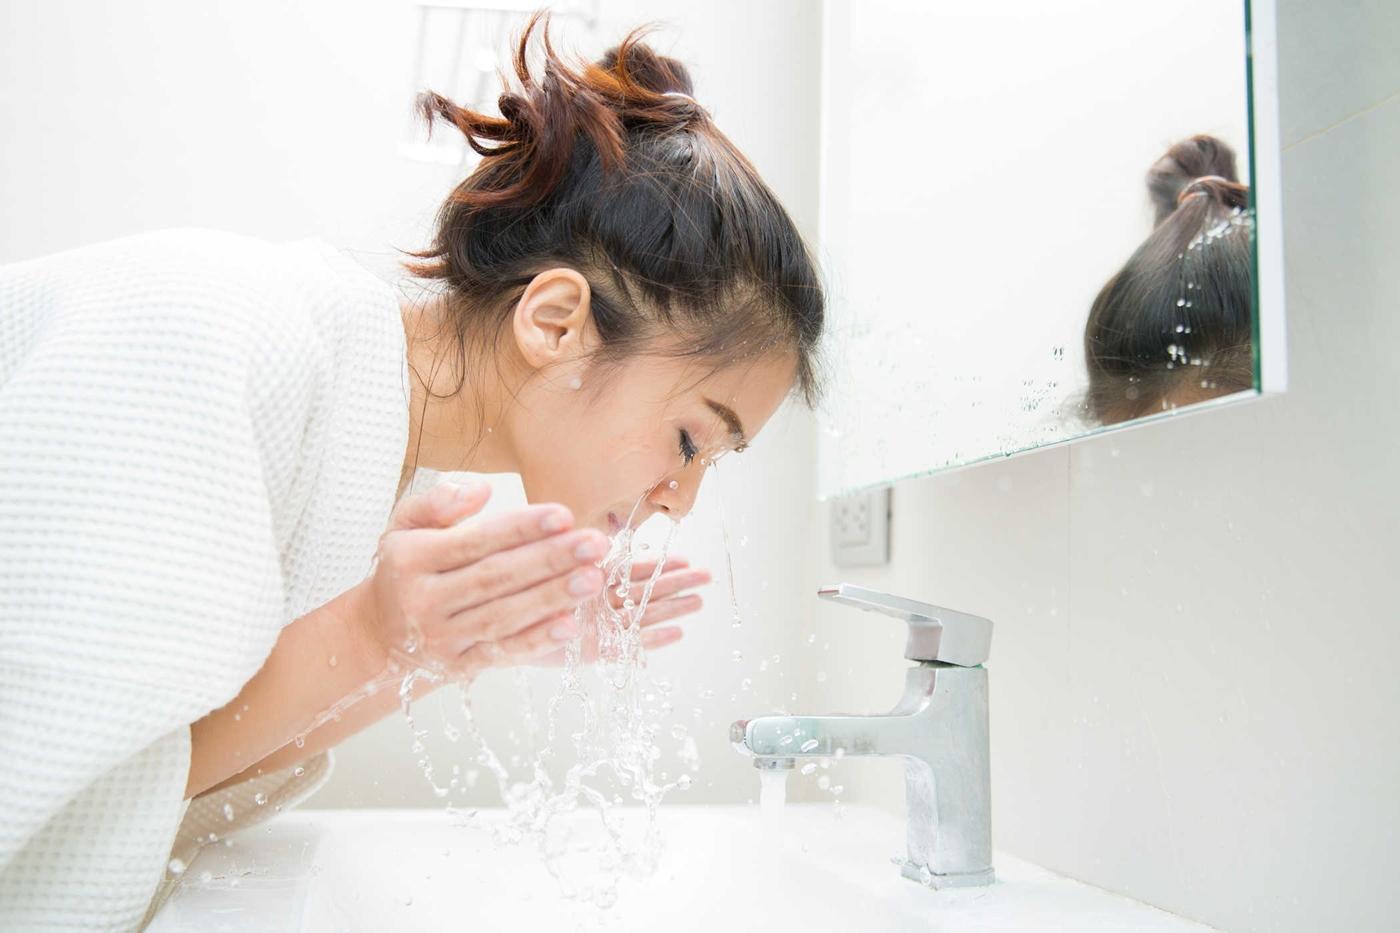 Trước khi trang điểm hay thoa kem chống nắng, bạn nên đảm bảo da mặt được làm sạch